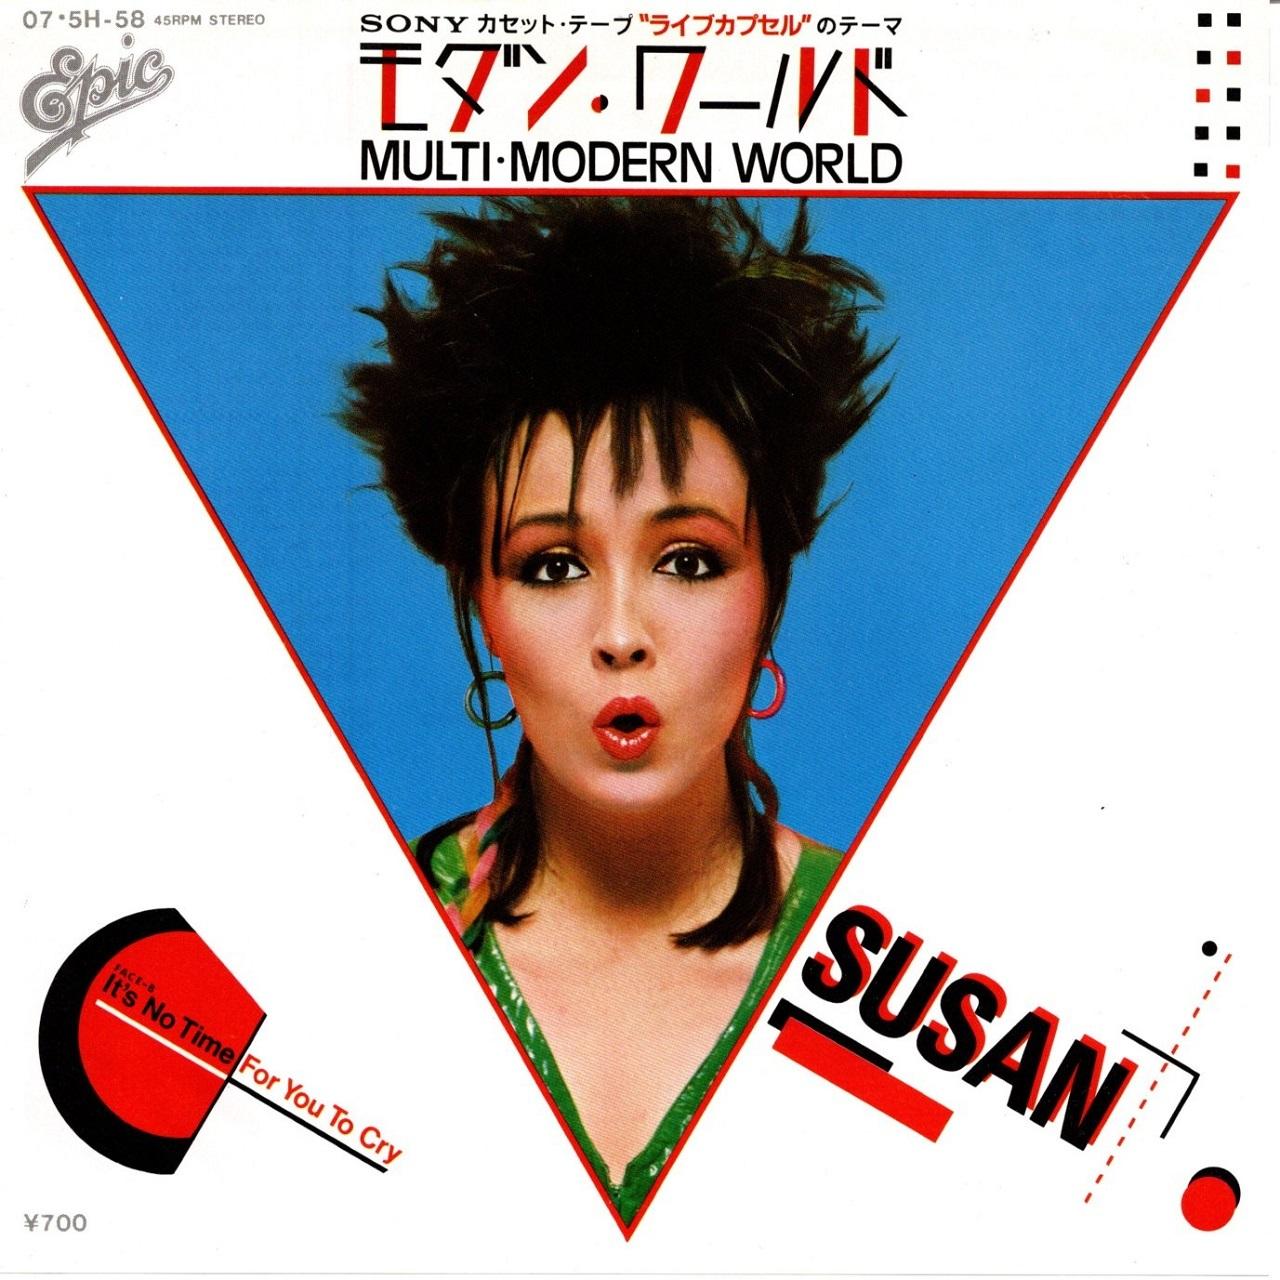 【7inch・国内盤】スーザン(SUSAN) / モダン・ワールド  Multi-Modern World